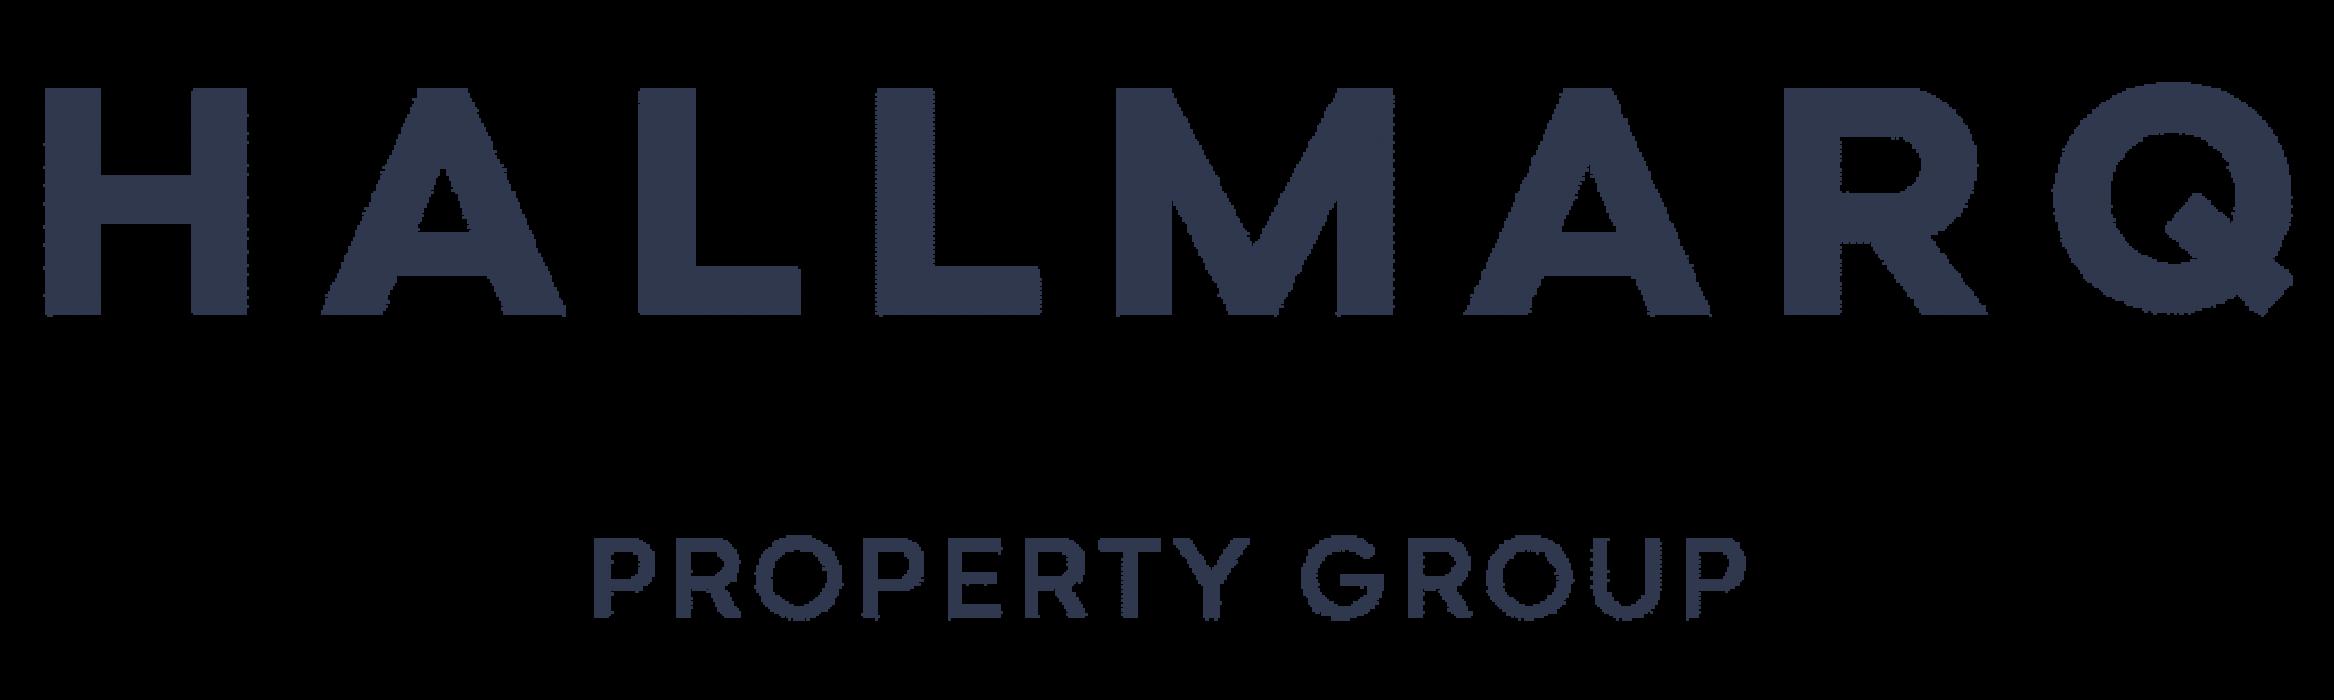 Hallmarq-Logo-Navy-1024x307-2